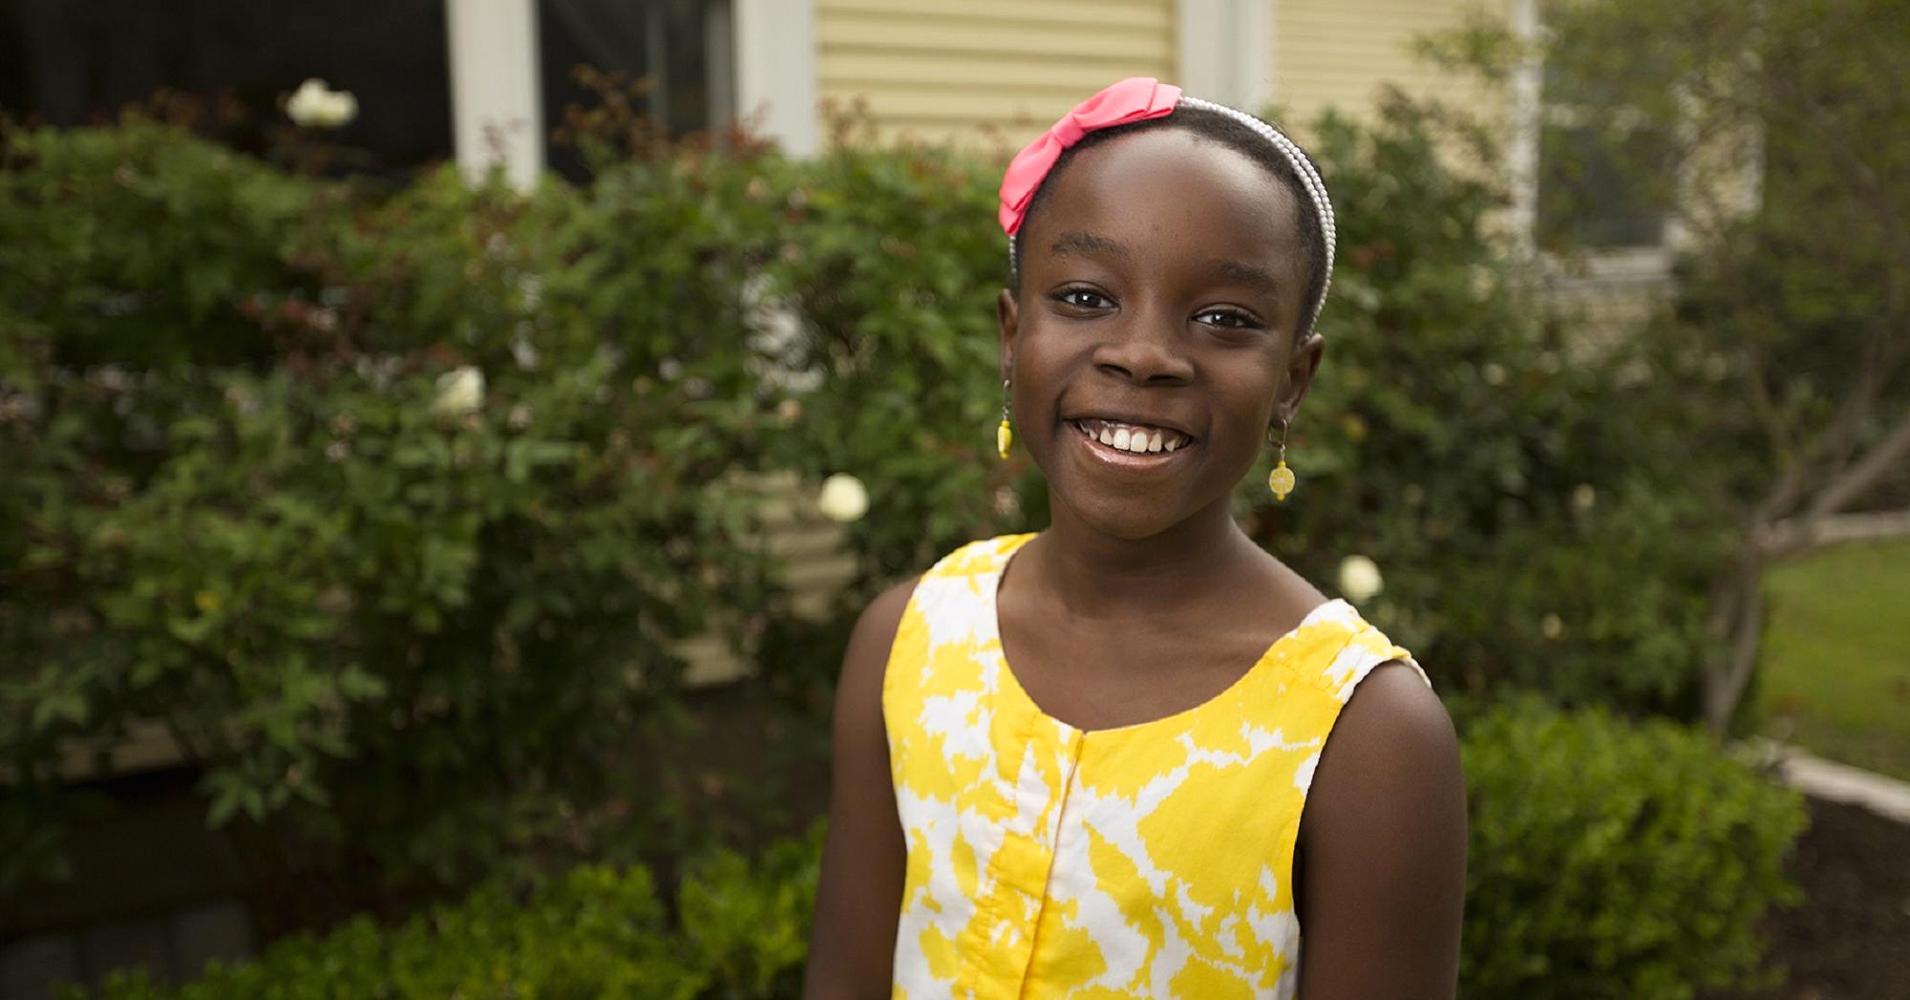 Thành công đáng nể của cô bé 13 tuổi đã là chủ của doanh nghiệp triệu đô - 1